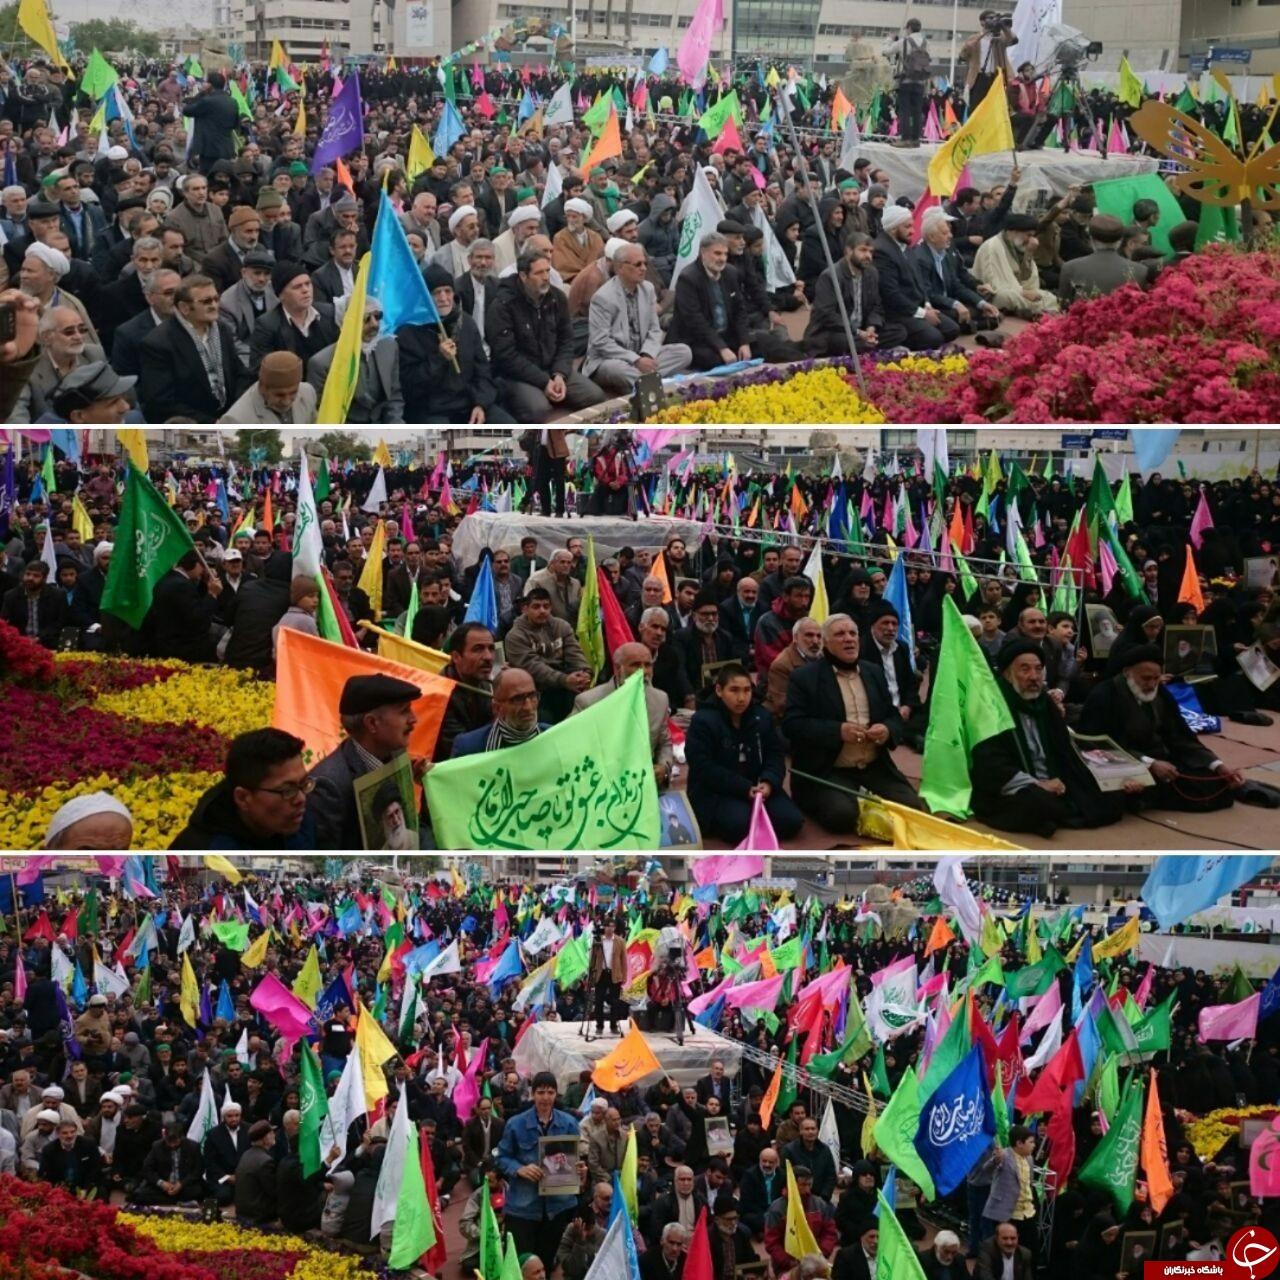 گردهمایی عظیم و پرشور منتظران ظهور در مشهد آغاز شد